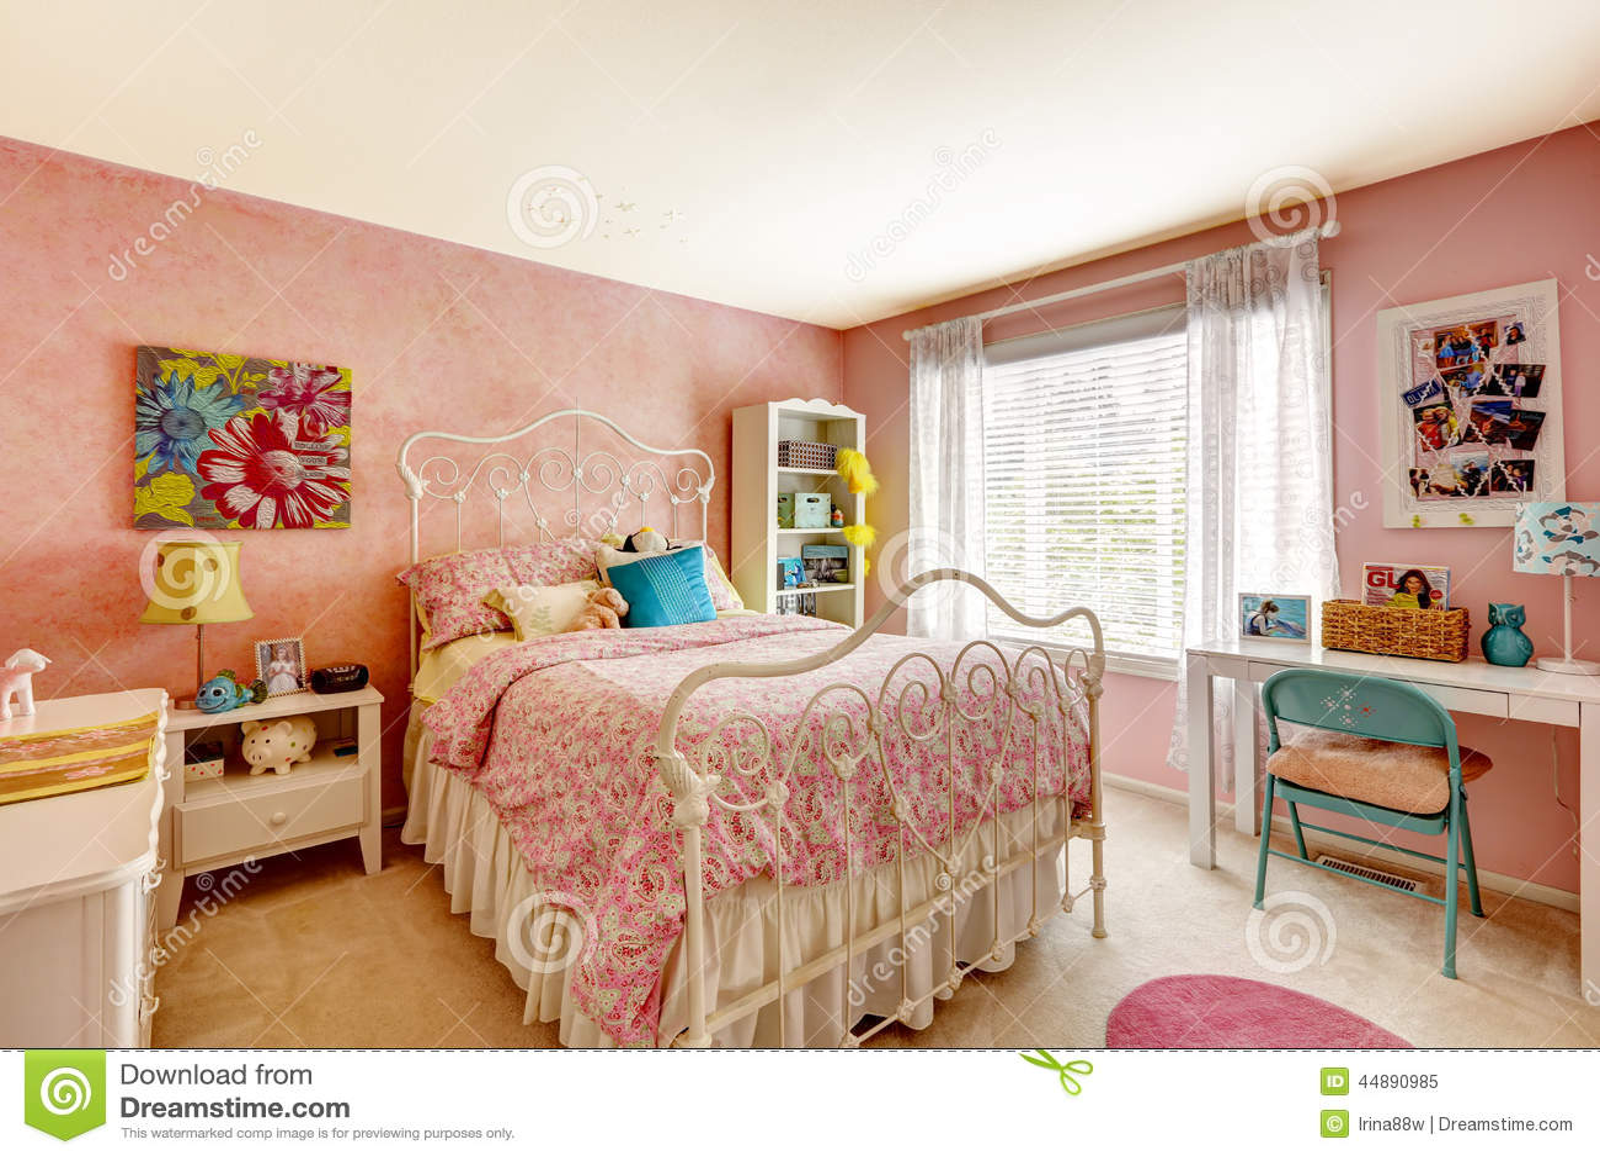 Couleur Des Chambre A Coucher intérieur de chambre à coucher dans la couleur rose-clair